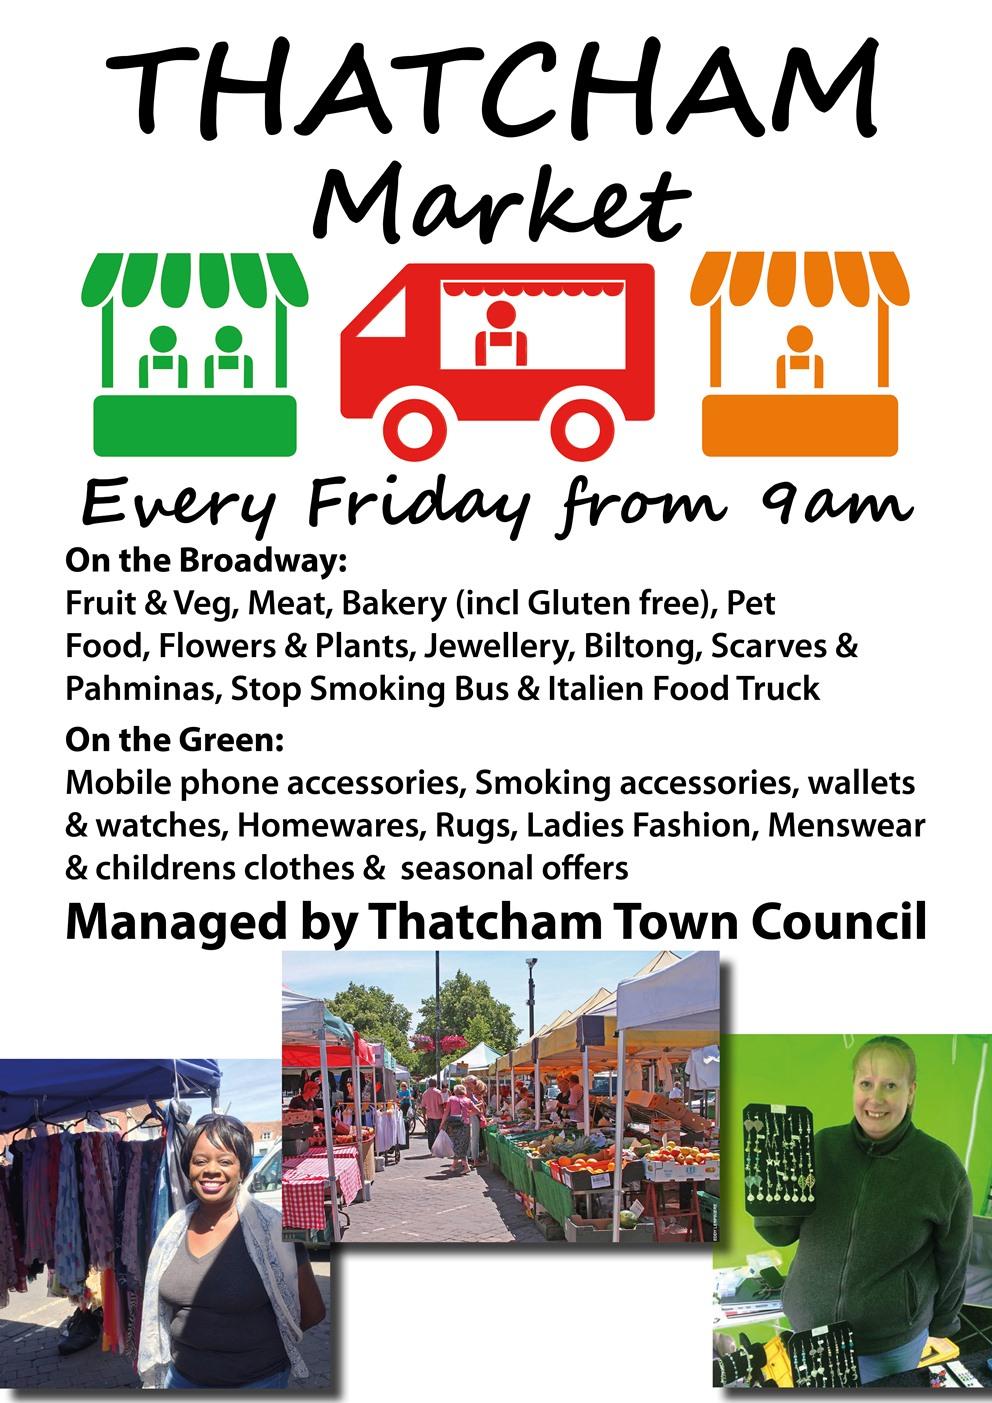 Thatcham Market